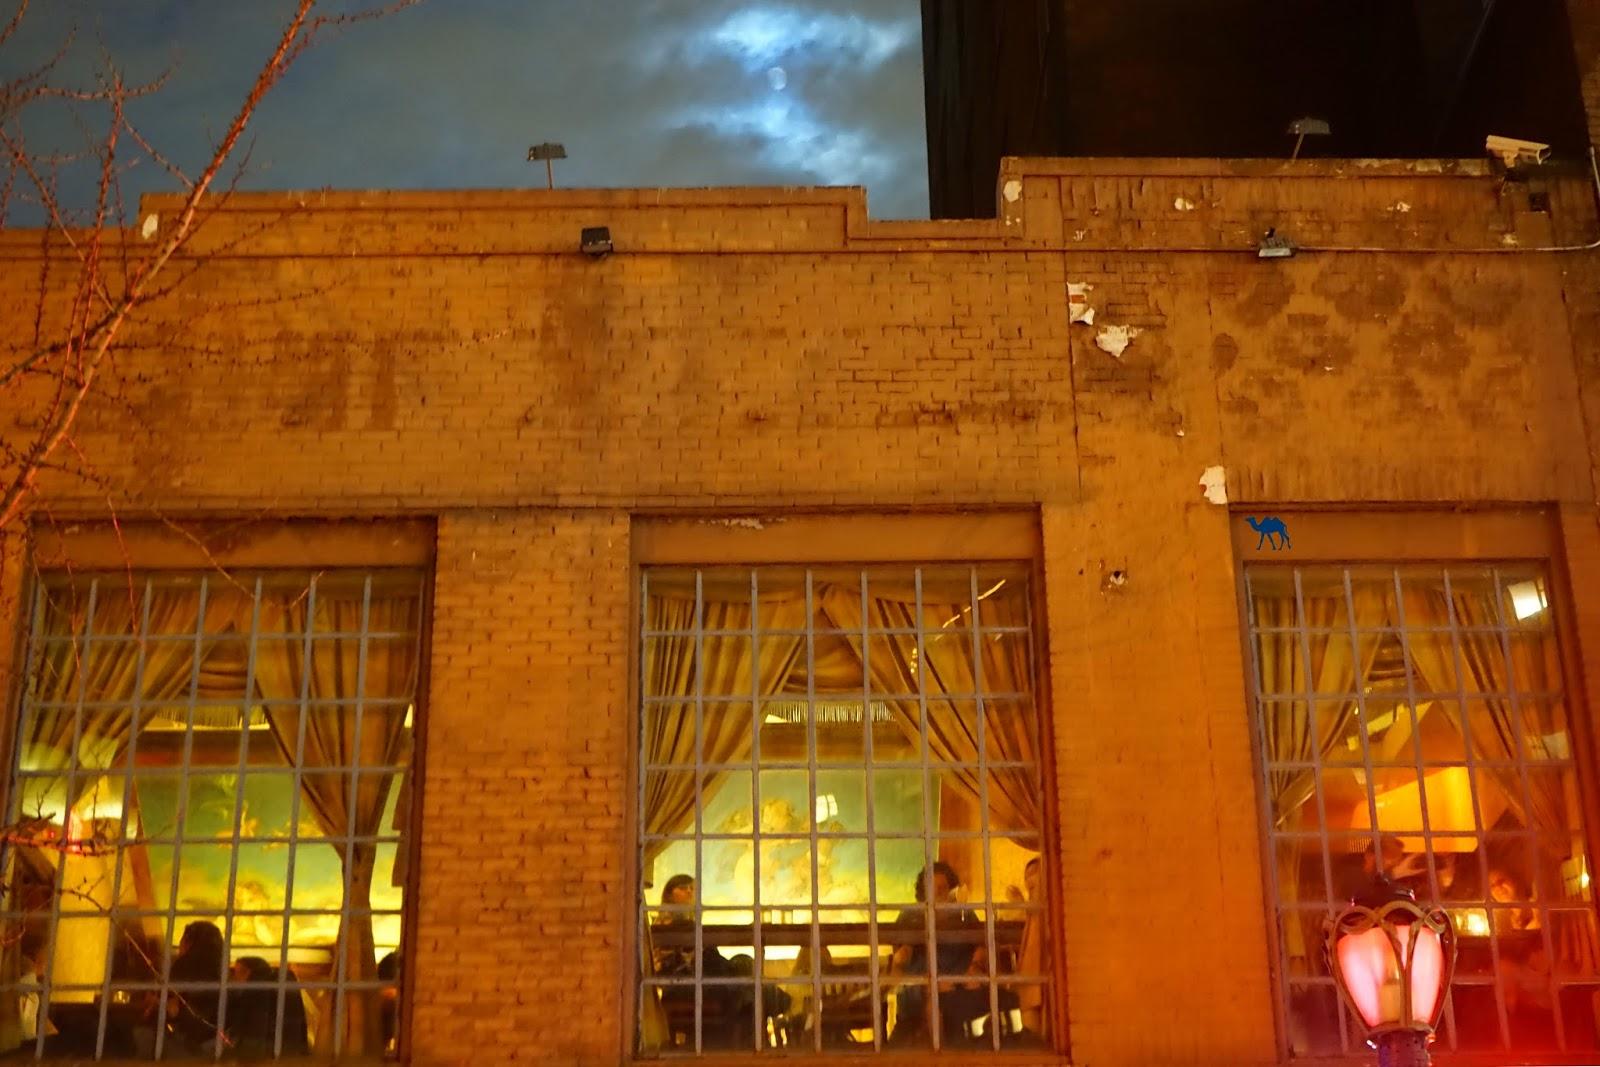 Vue sur le bar Angel's Share depuis  la rue  New York - Le Chameau Bleu